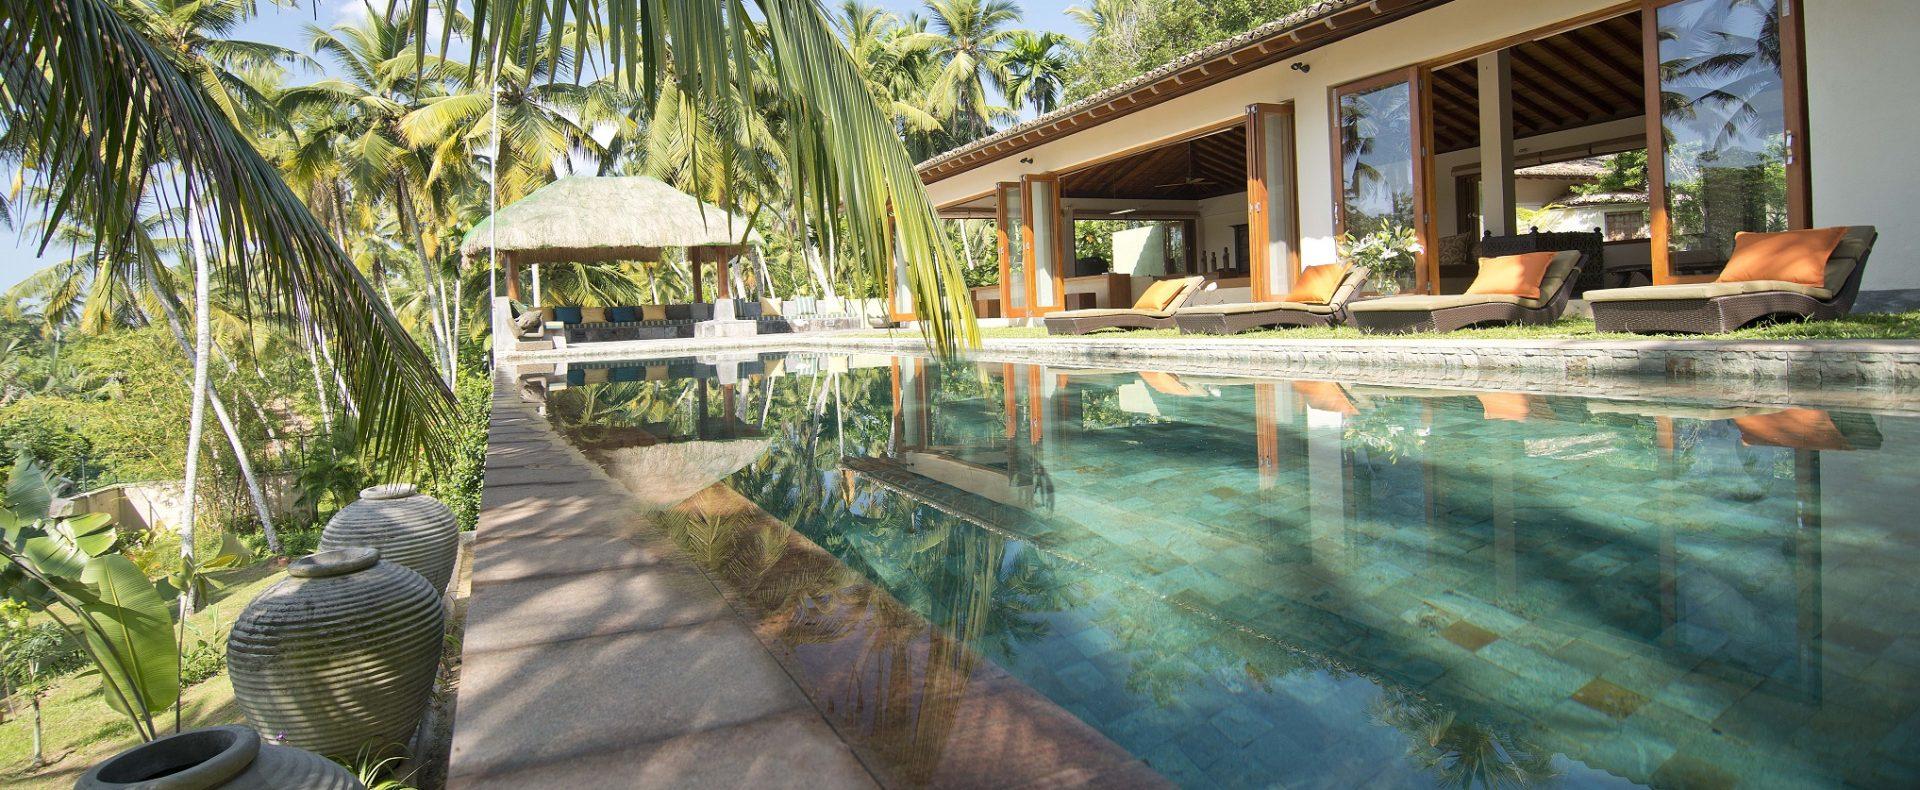 holiday Villa in Galle Sri Lanka